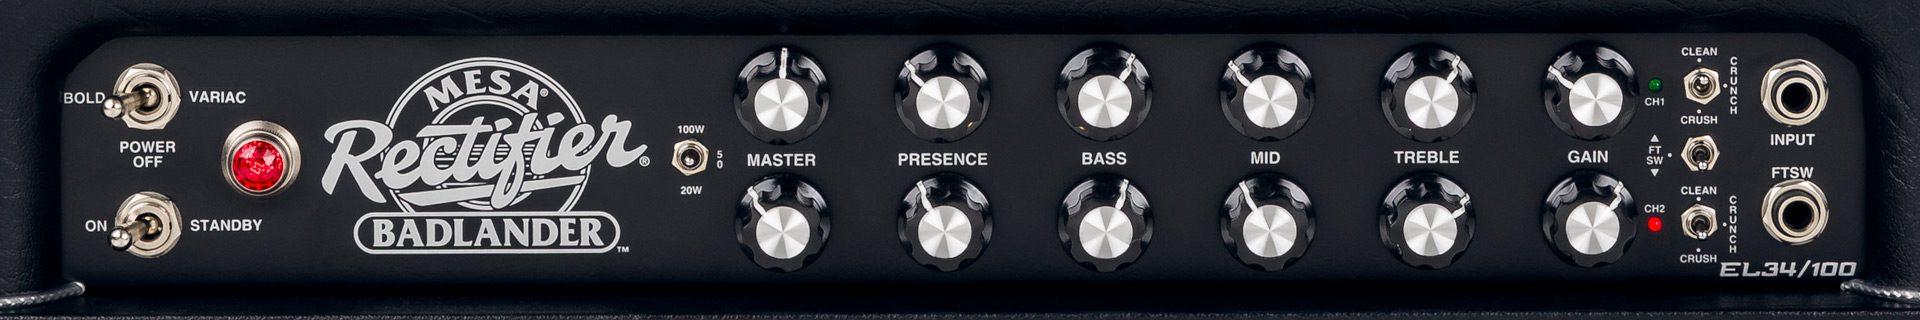 Mesa Boogie Badlander Topteil Panel Front